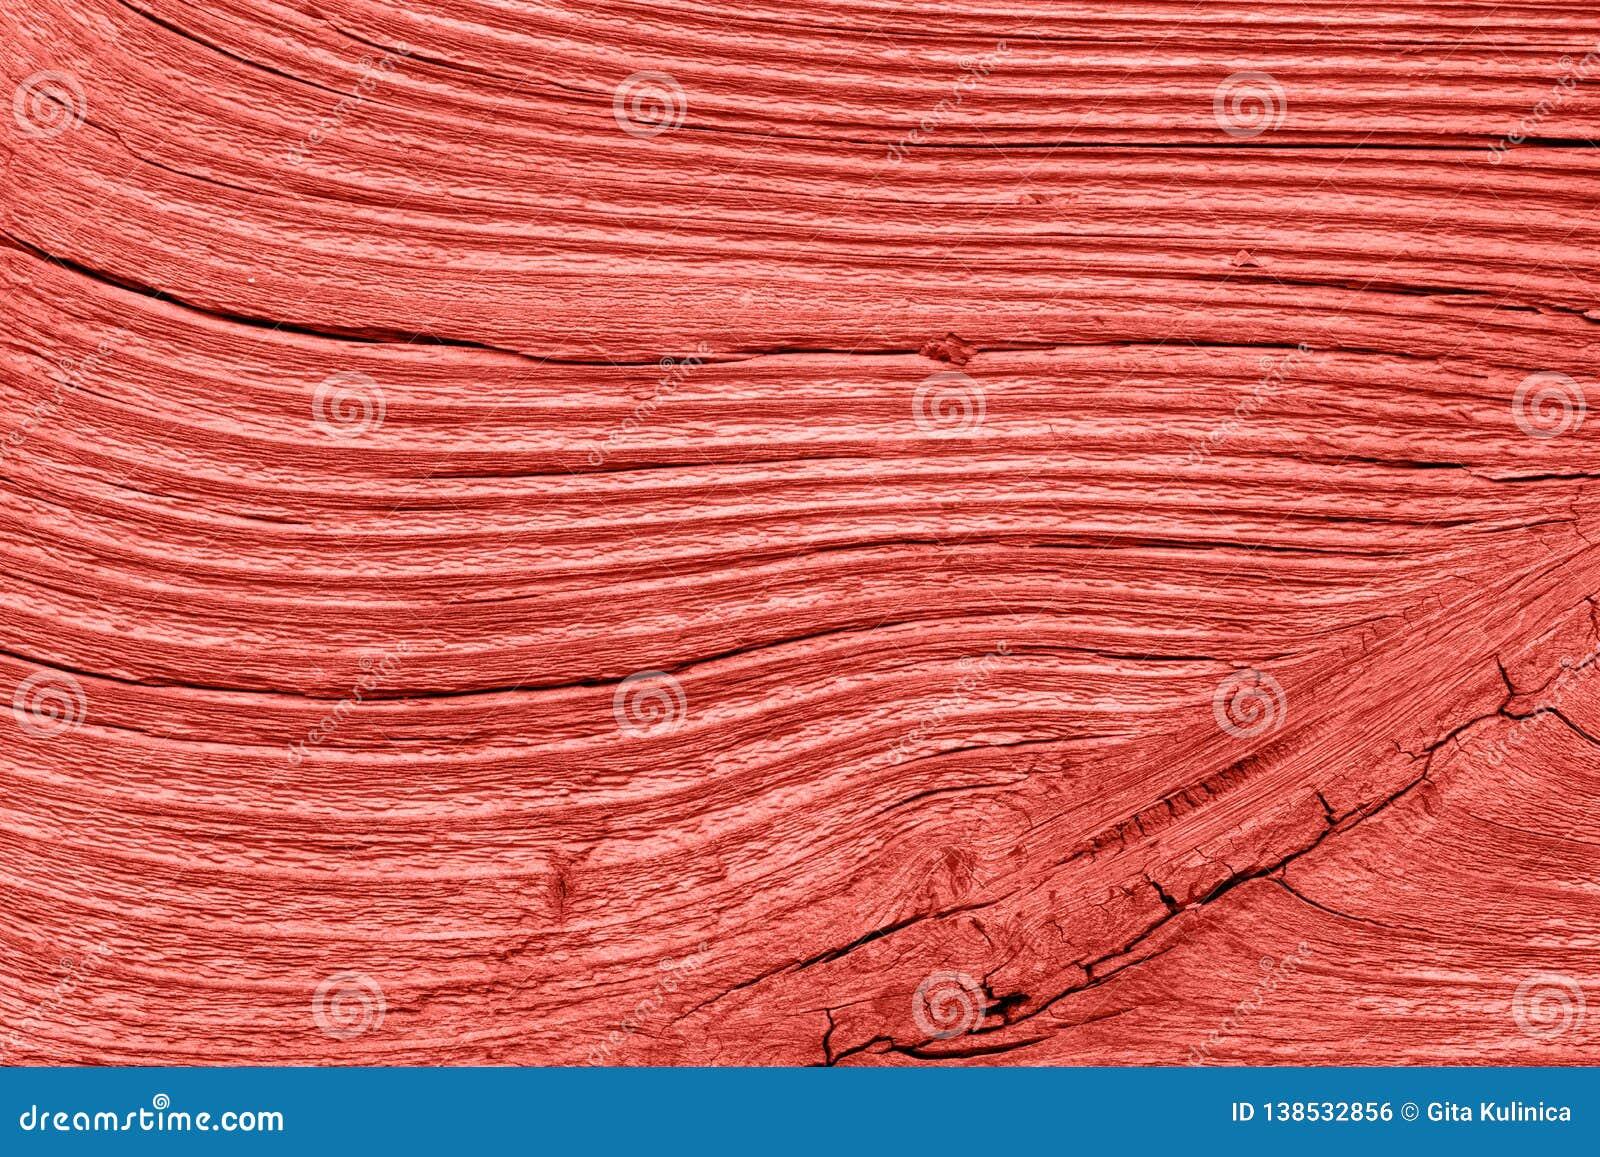 Rocznik żywa koralowa drewniana tekstura abstrakcyjny tło